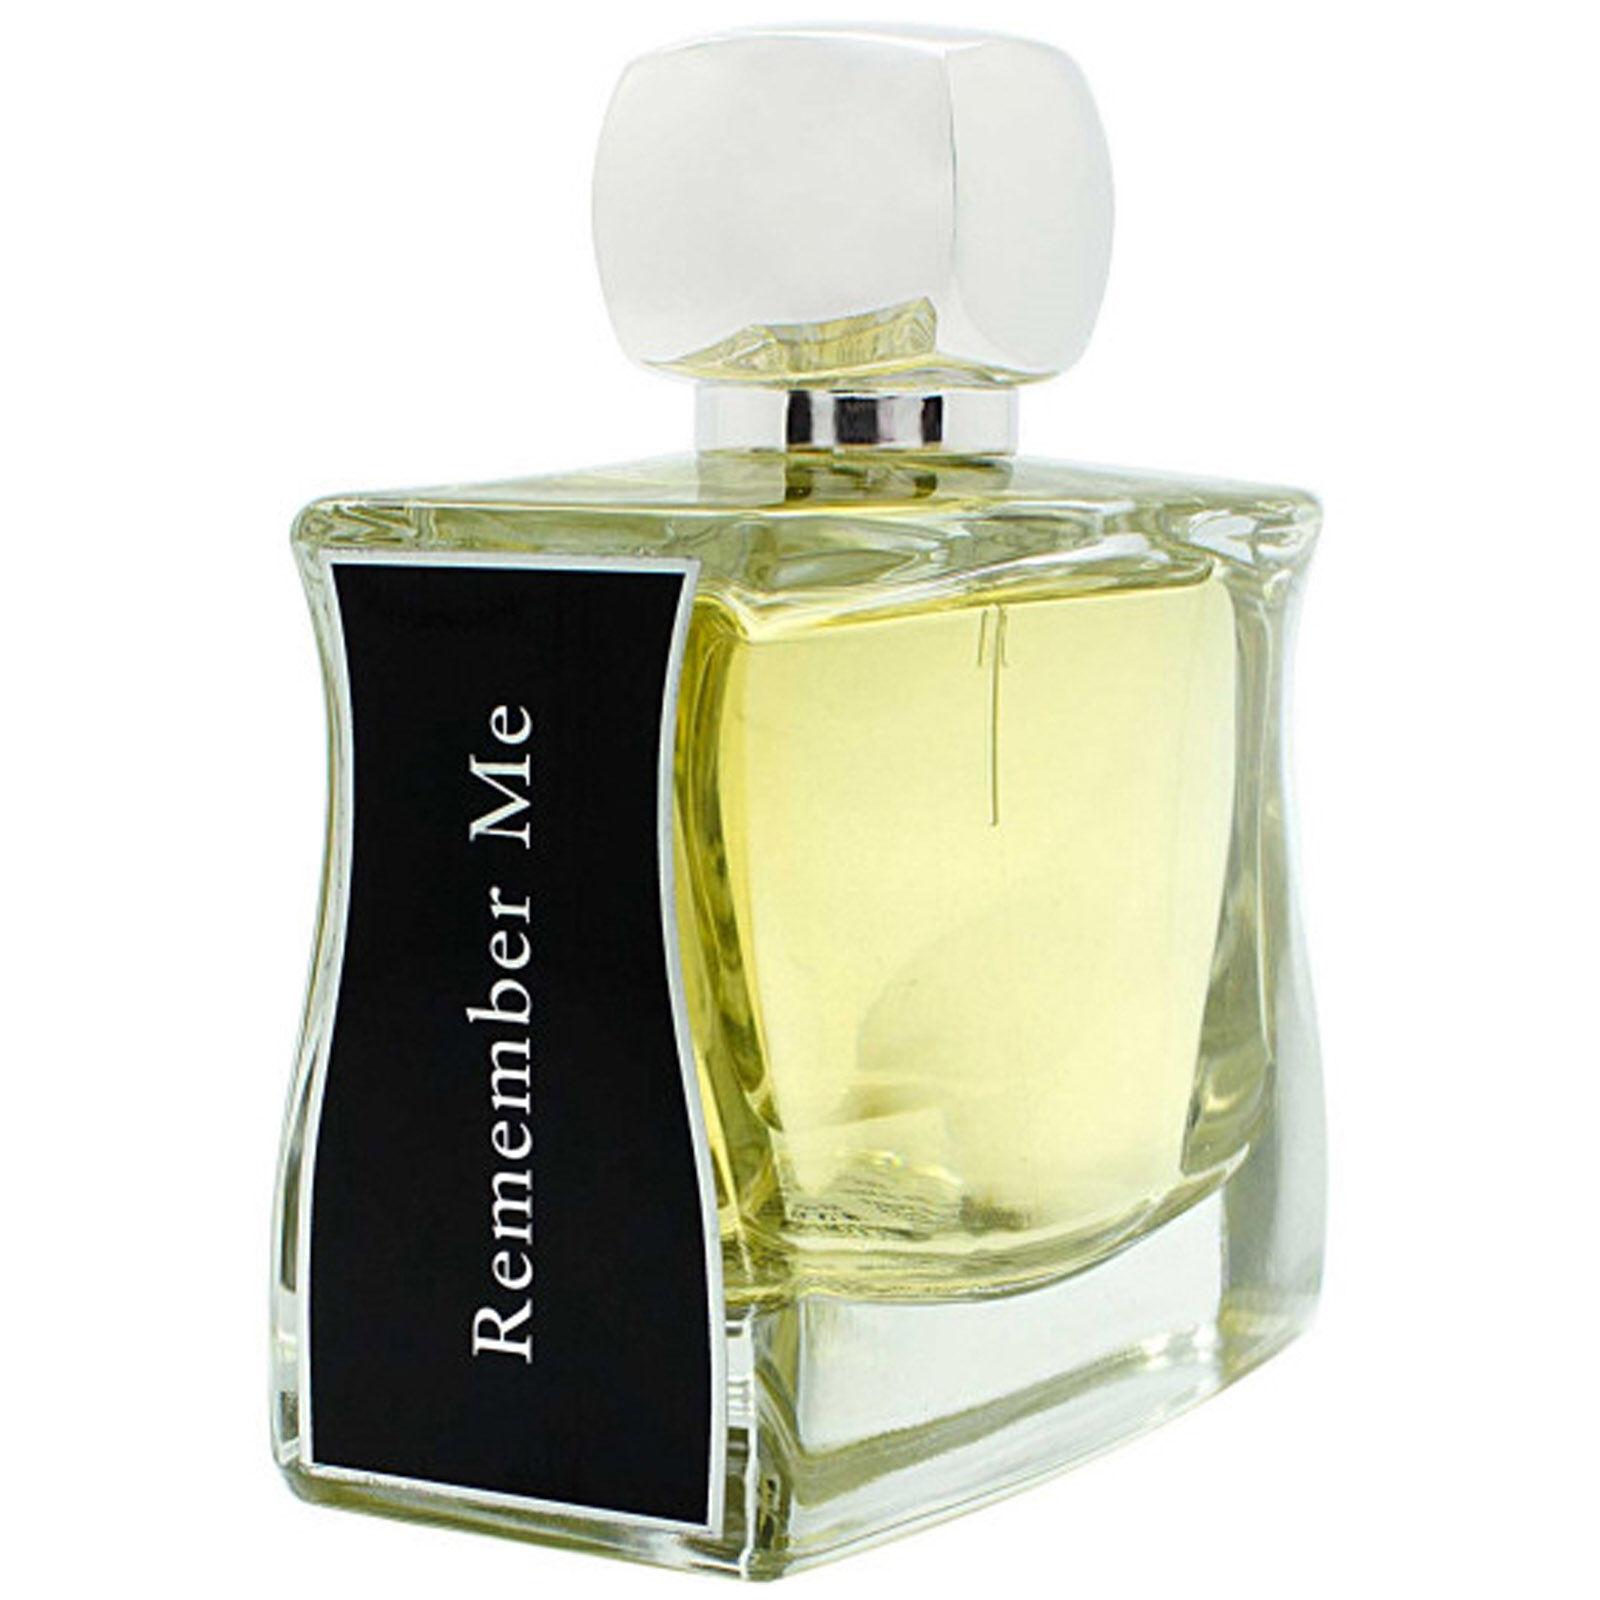 Jovoy Paris Remember me perfume eau de parfum 100 ml  - White